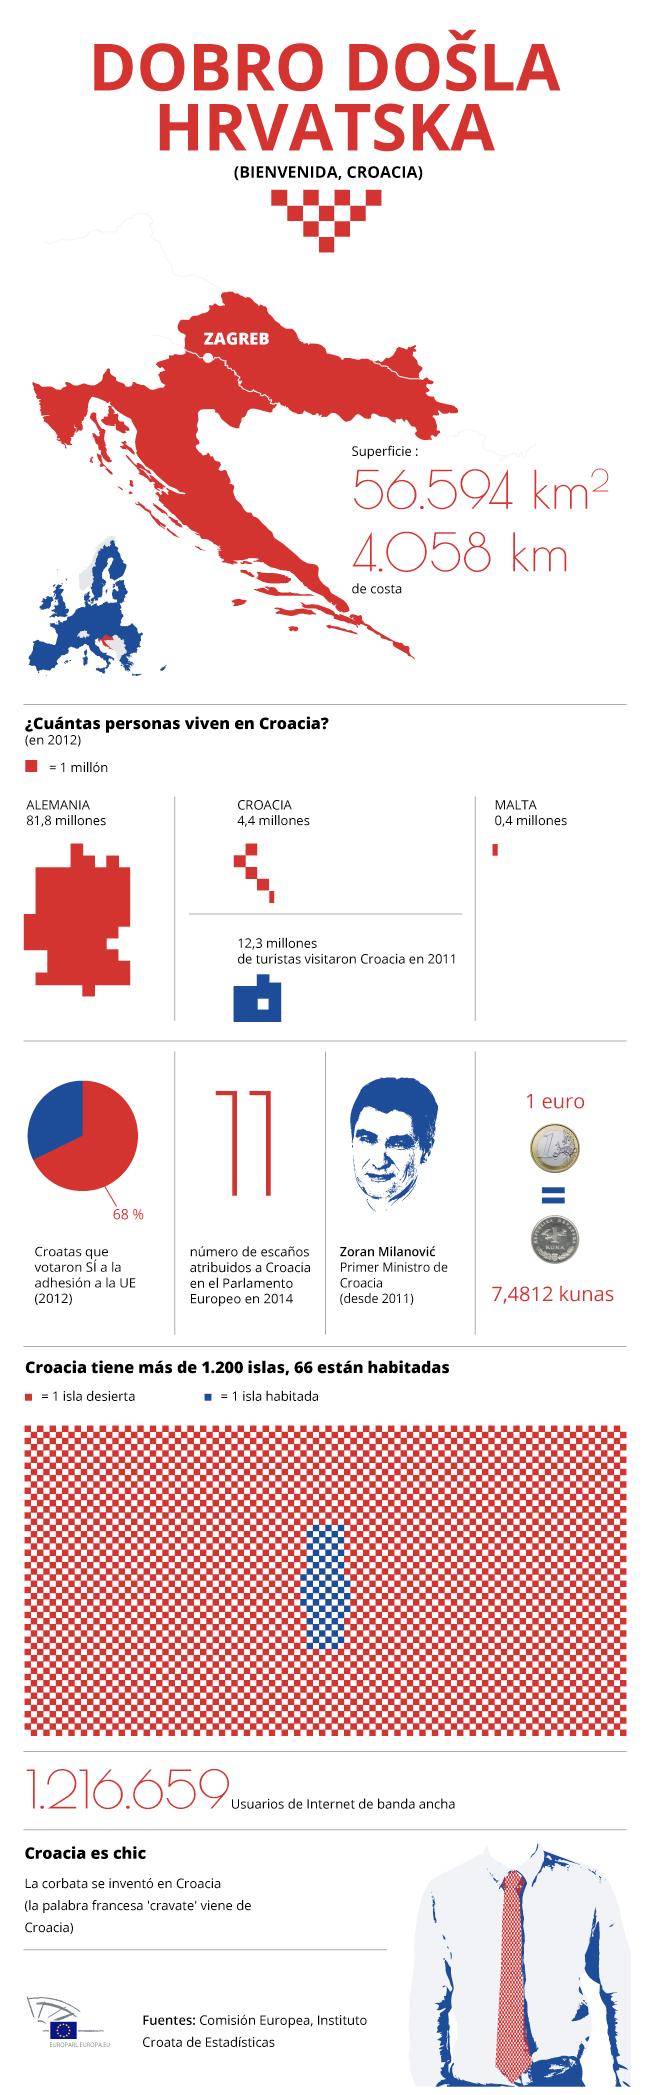 Croacia: nuevo miembro de la Unión Europea